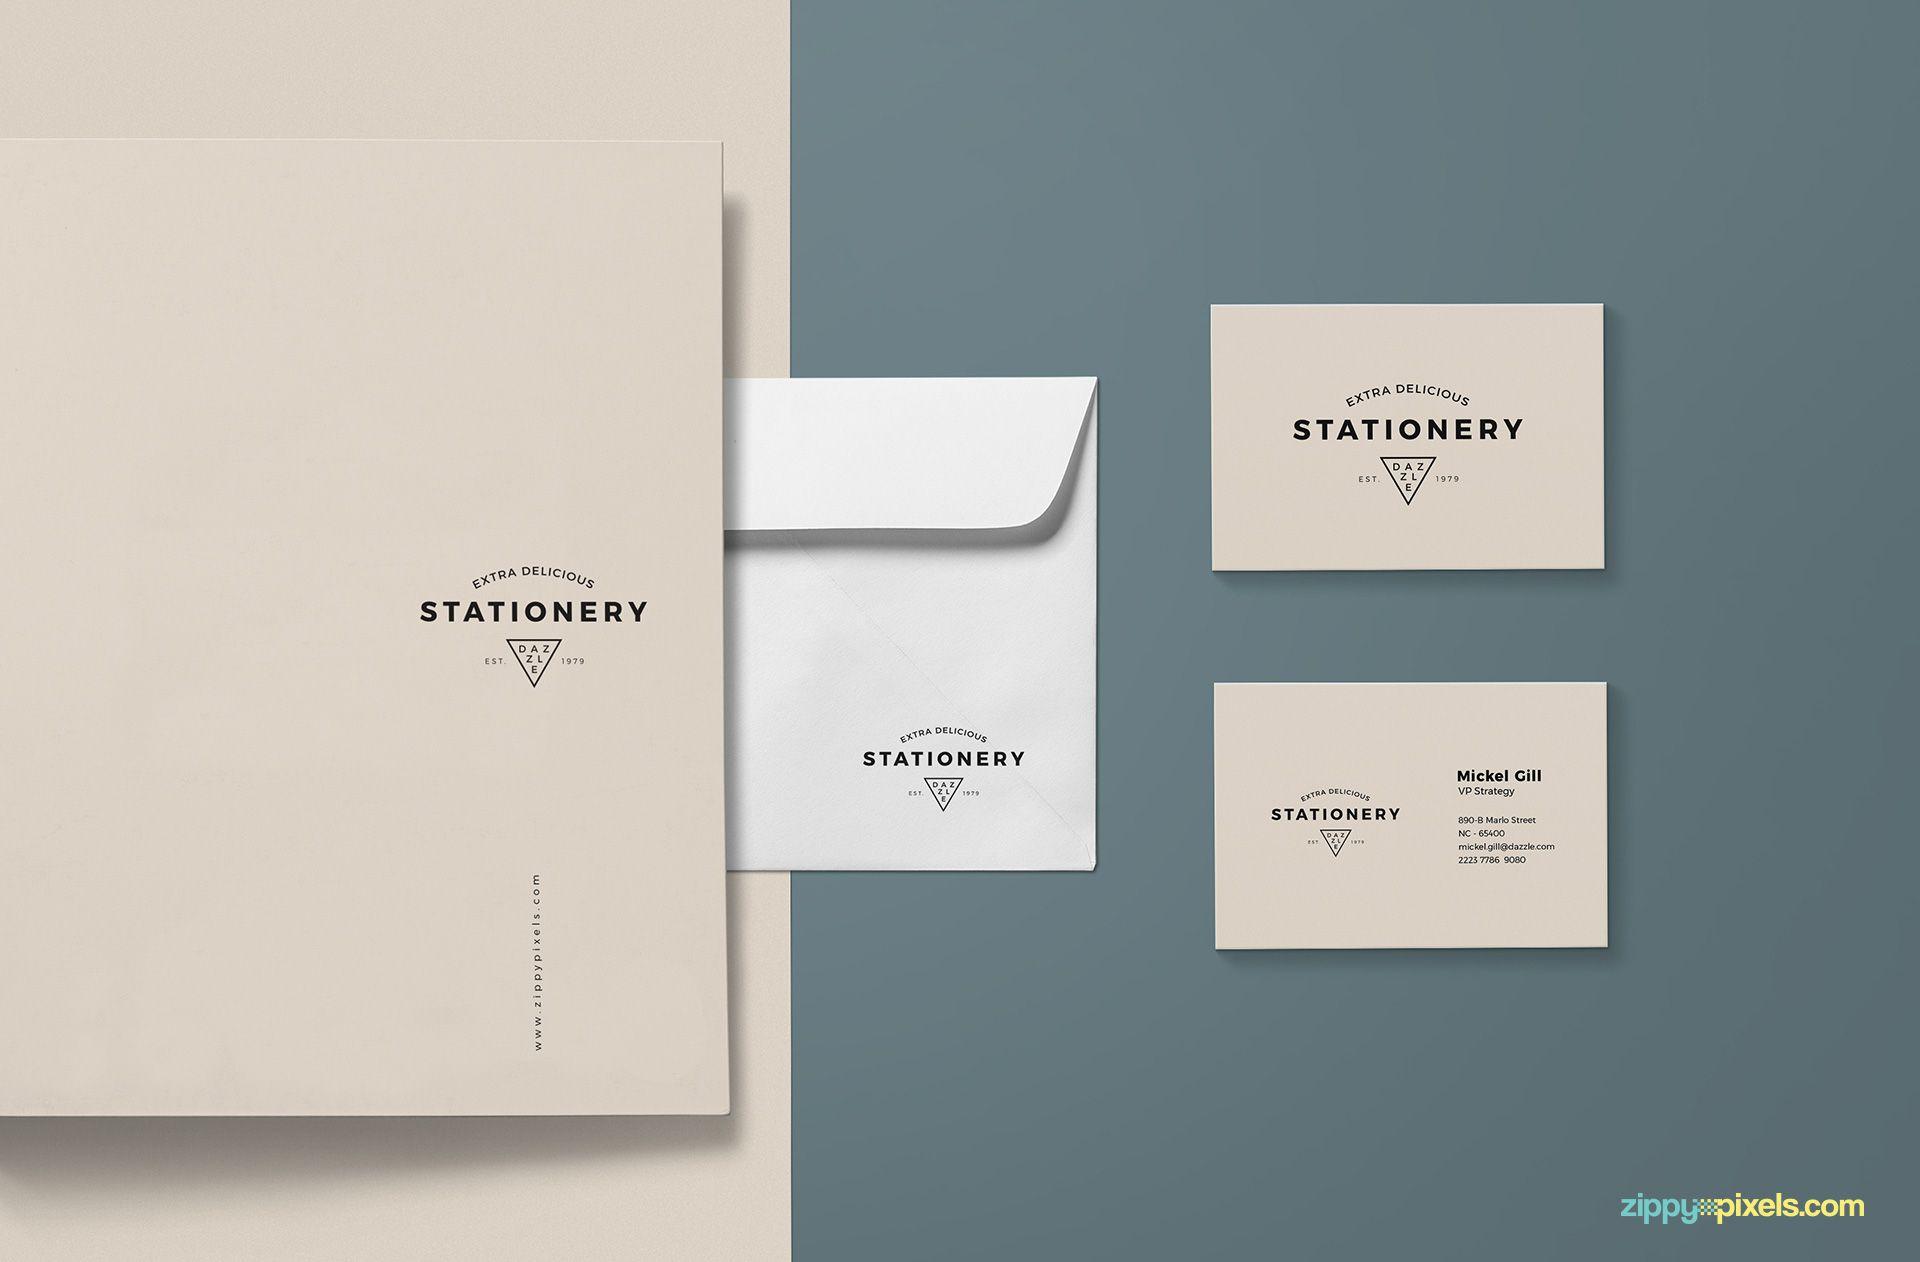 Gorgeous stationery design mockup.